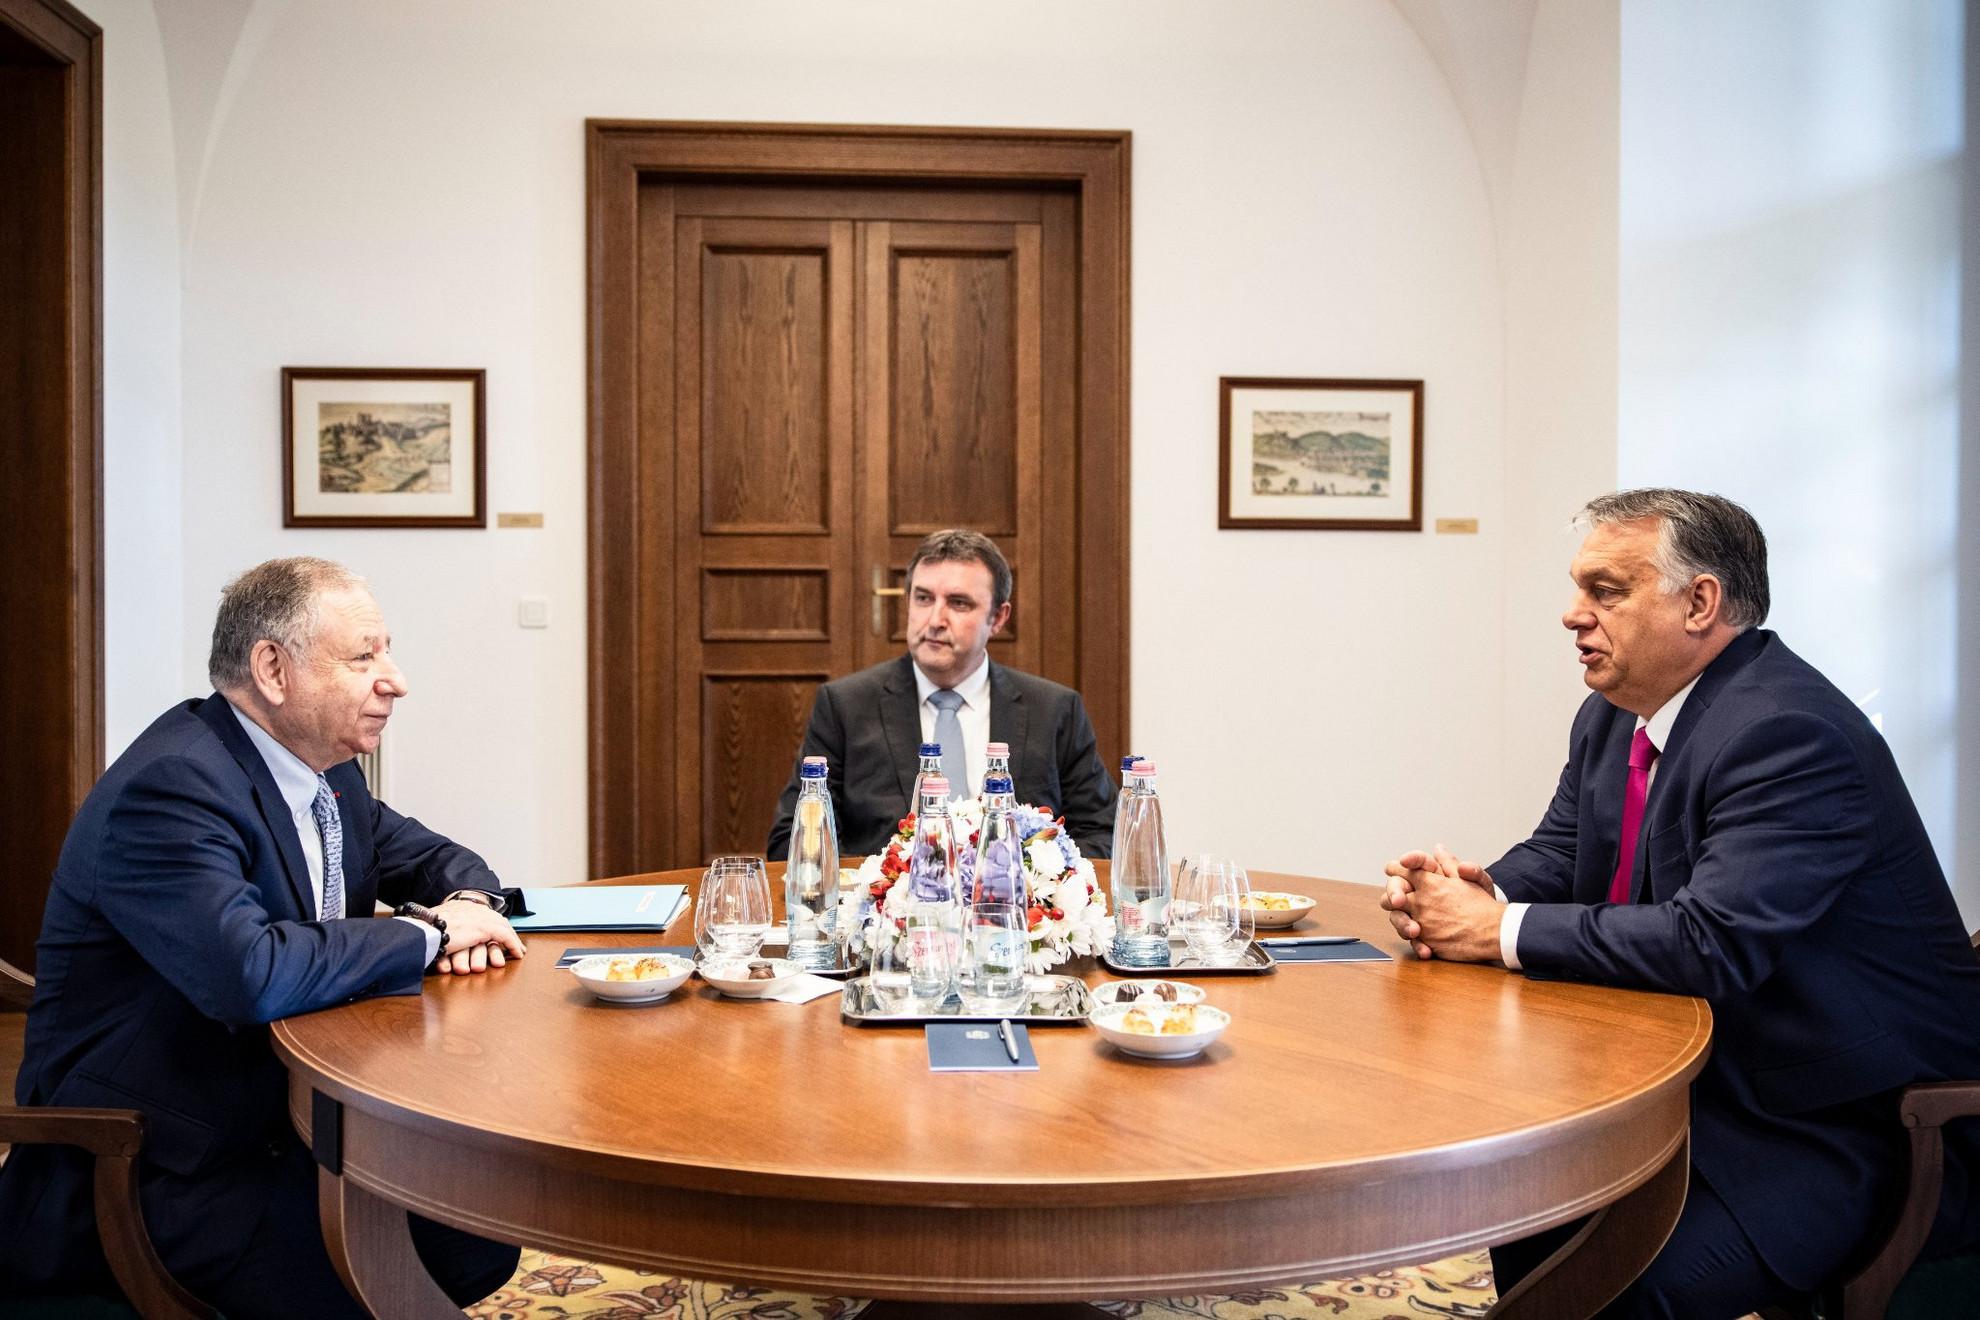 Orbán Viktor miniszterelnök (j) tárgyal Jean Todttal, a Nemzetközi Automobil Szövetség (FIA) elnökével, aki egyben az ENSZ-főtitkár közlekedésbiztonsági különmegbízottja (b) a Karmelita kolostorban 2021. július 30-án, a Formula-1 Magyar Nagydíj hétvégéje előtt. Középen Palkovics László innovációs és technológiai miniszter, az autó-motorsport fejlesztéséért és a közlekedésbiztonság kiemelt kezeléséért felelős kormánybiztos